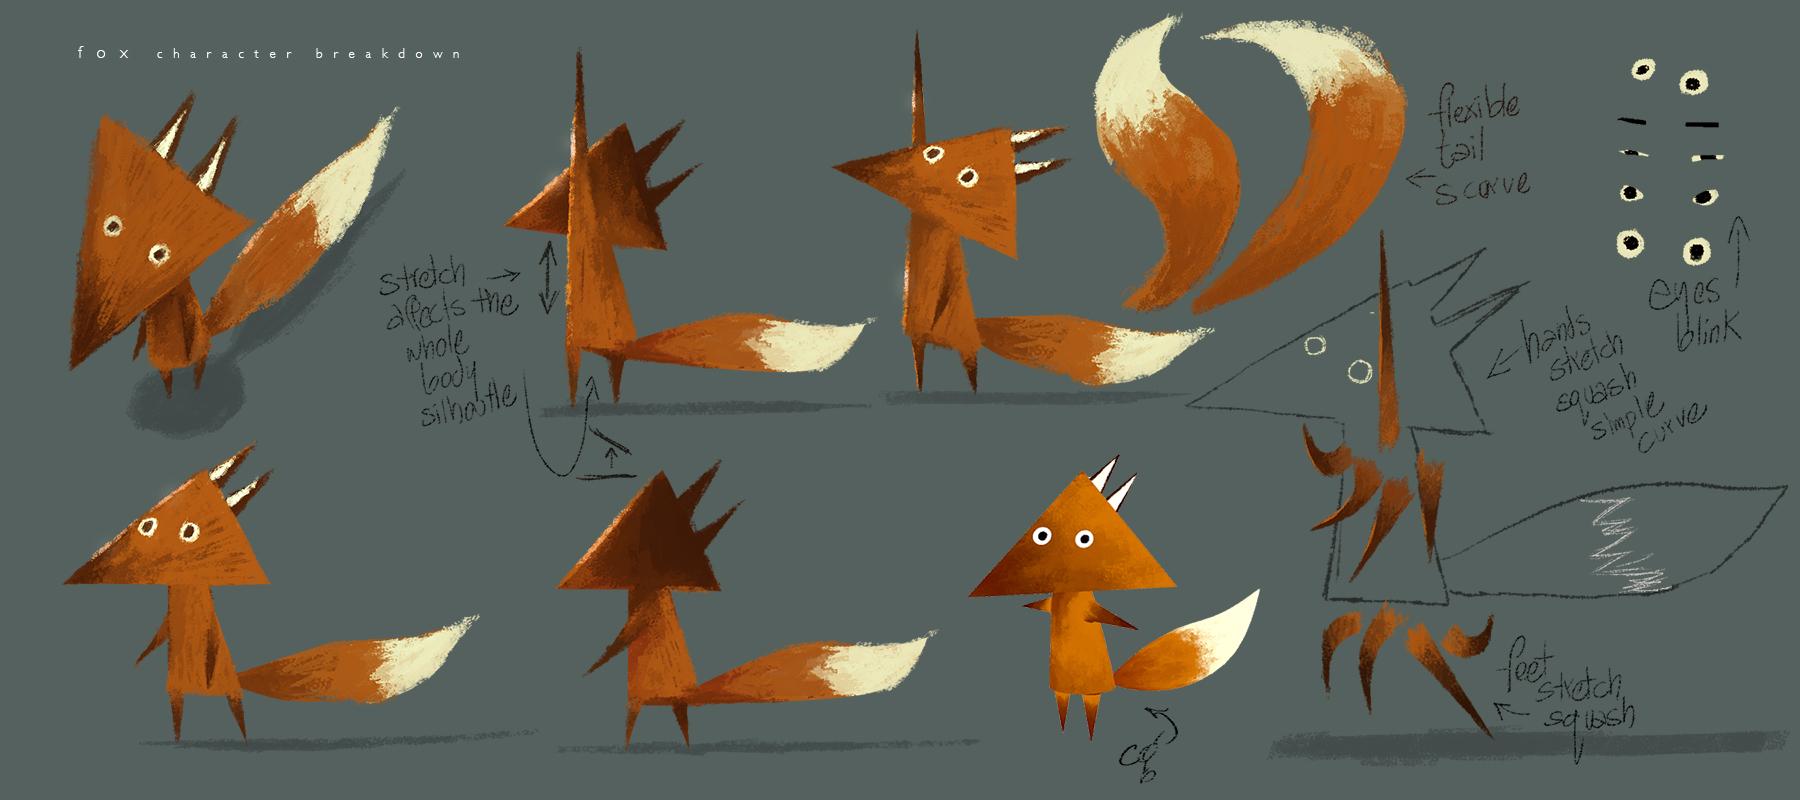 fox_breakdown.jpg